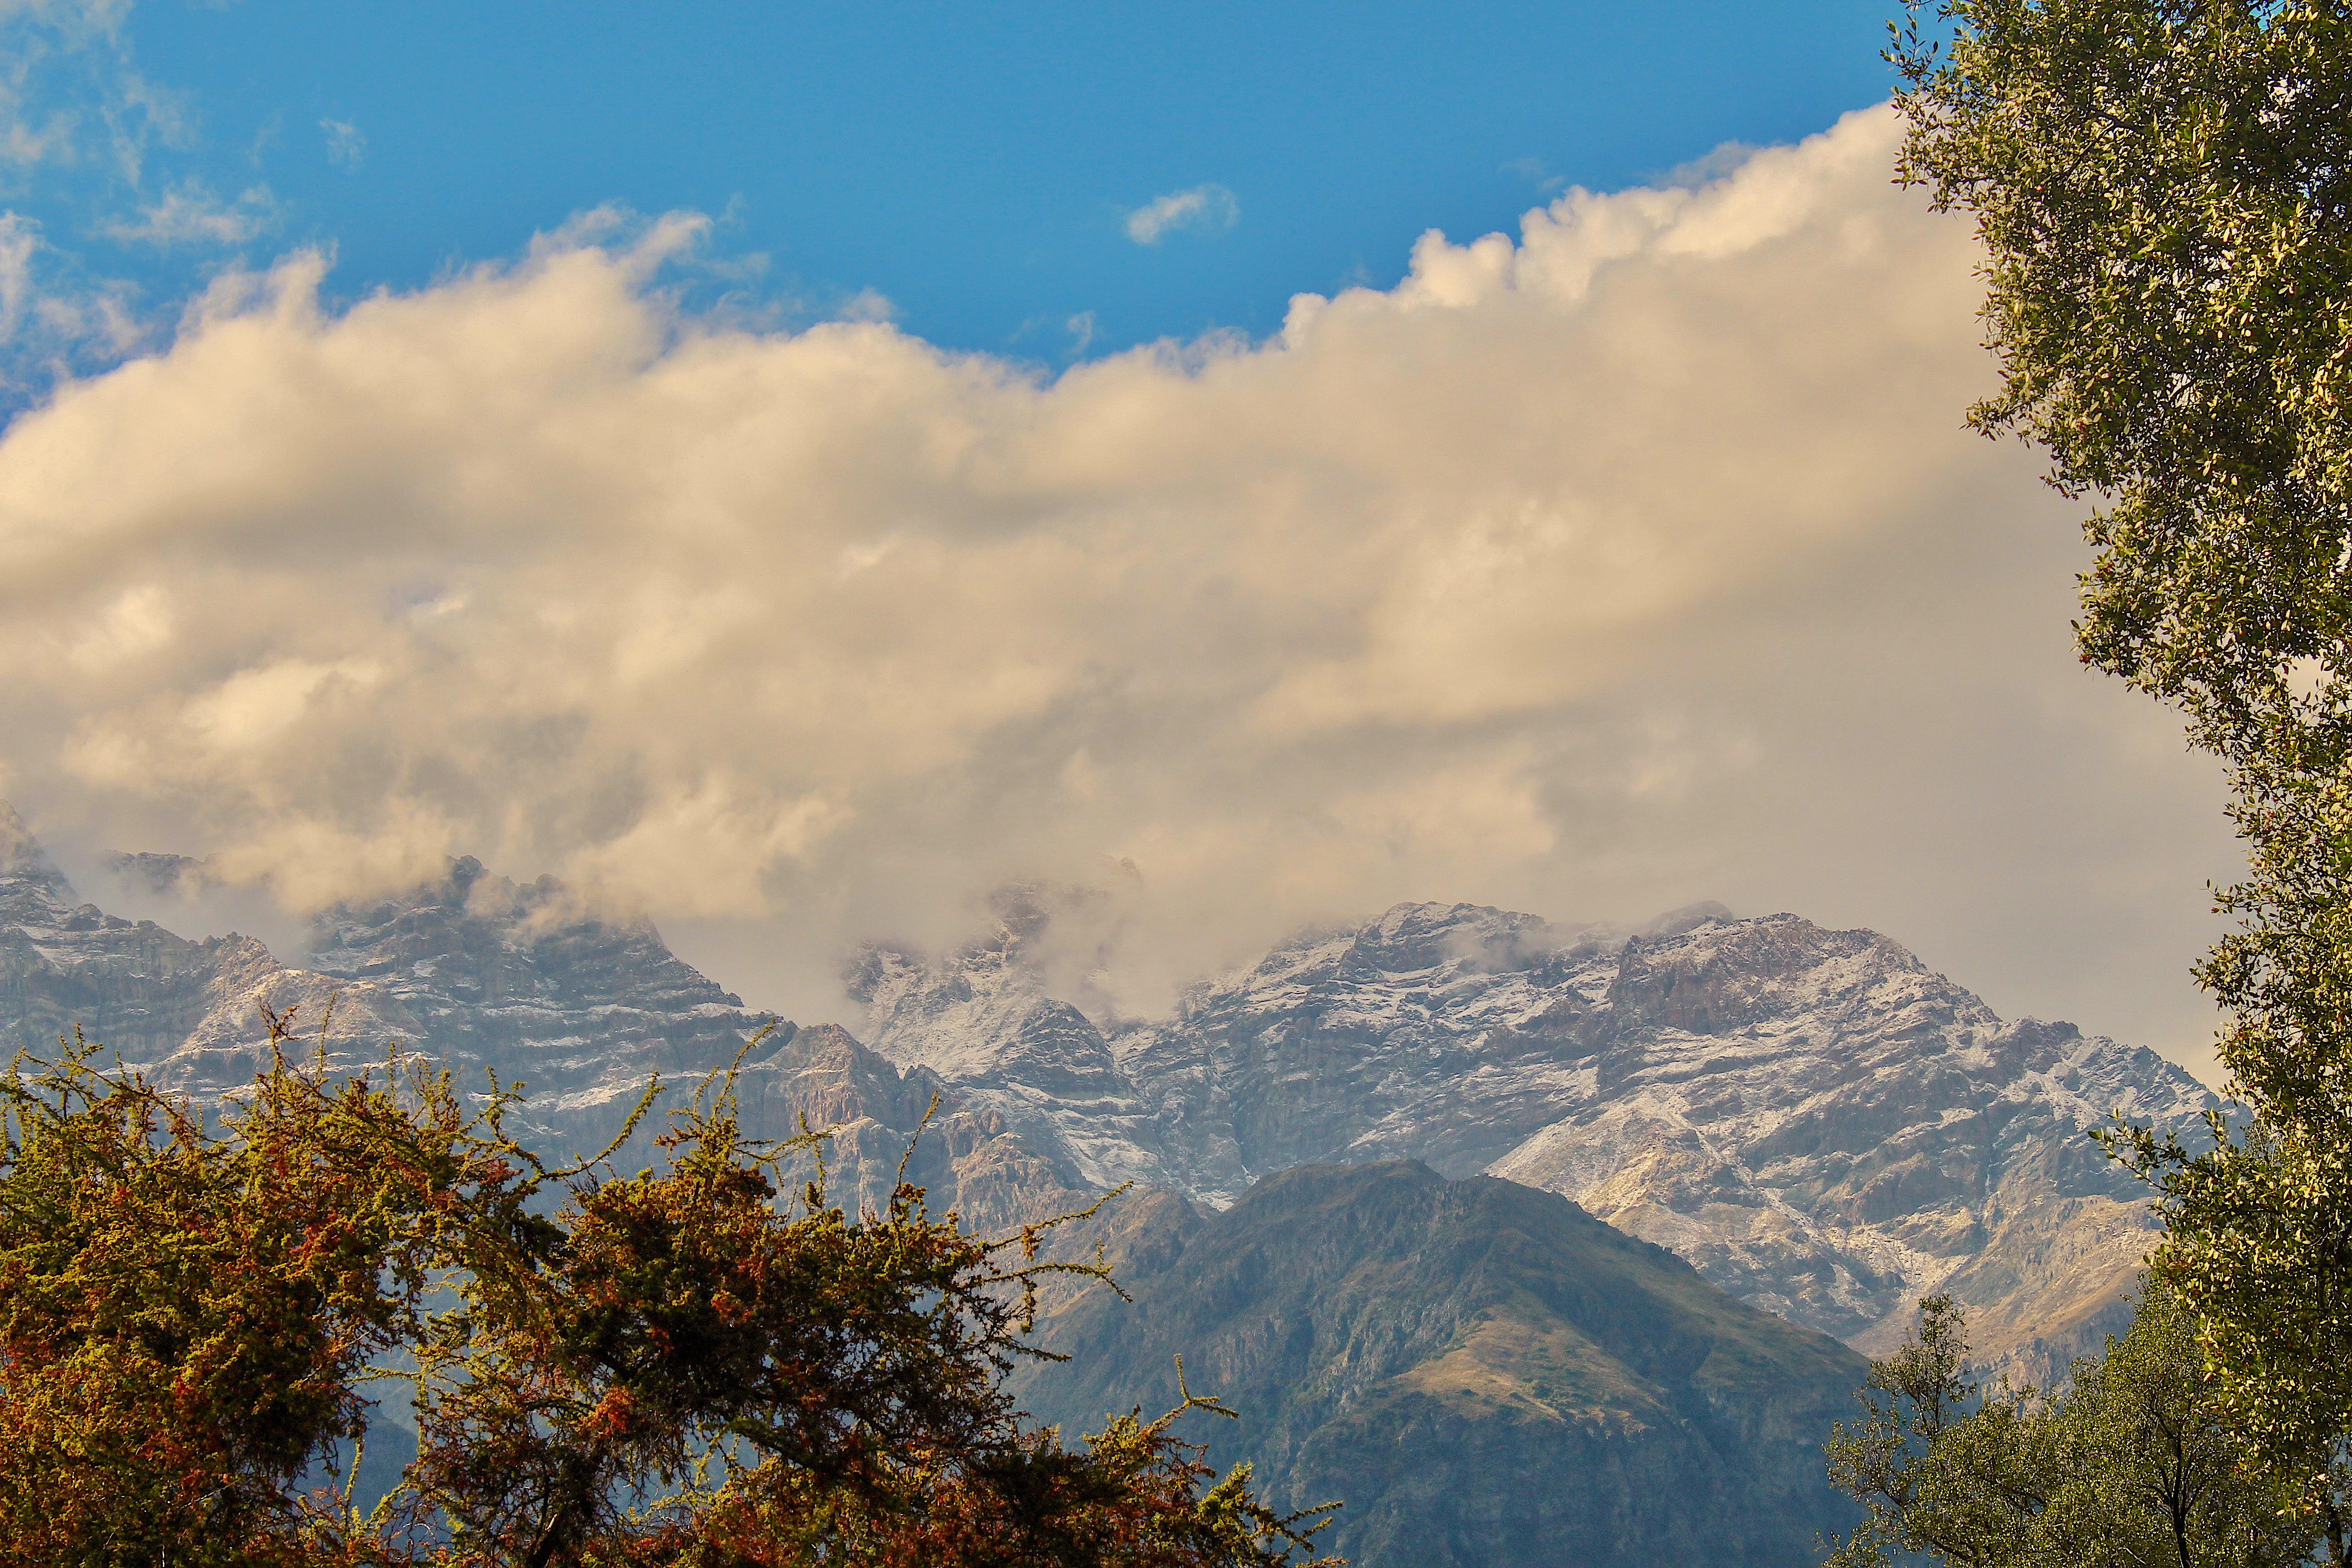 Turismo en Los Andes de O´Higgins para conocer la cordillera